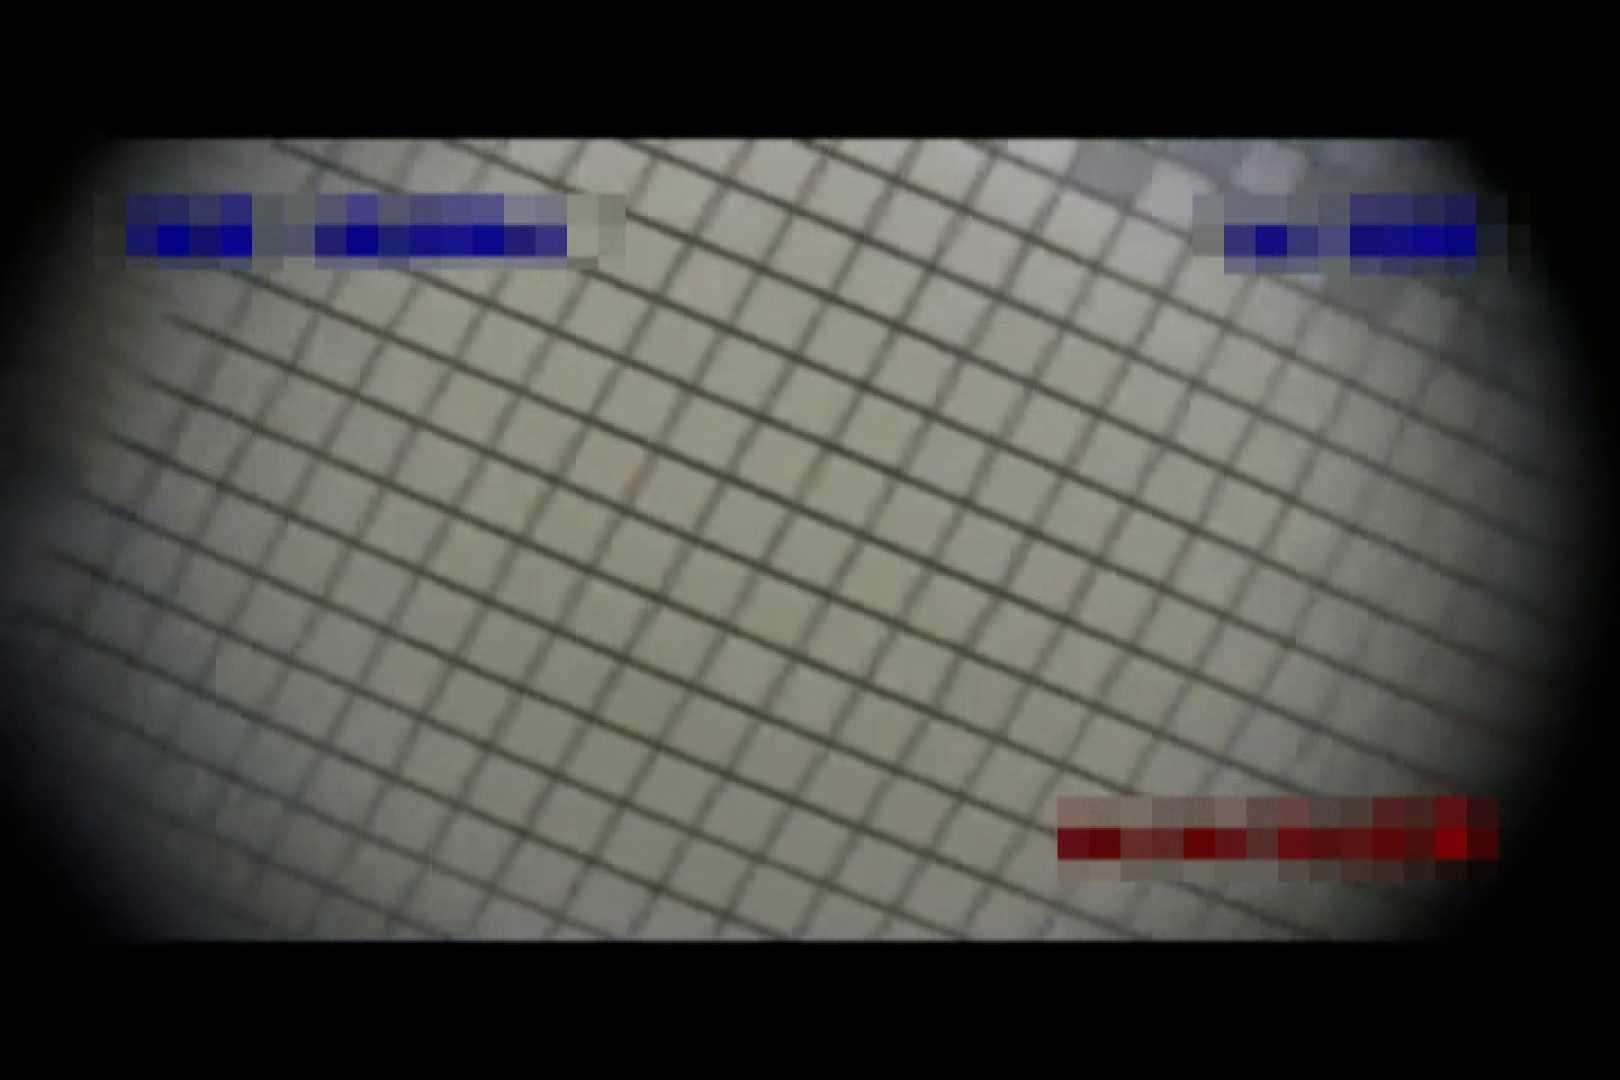 未熟な珊瑚礁 vol.15 OLセックス 盗み撮りAV無料動画キャプチャ 91画像 23